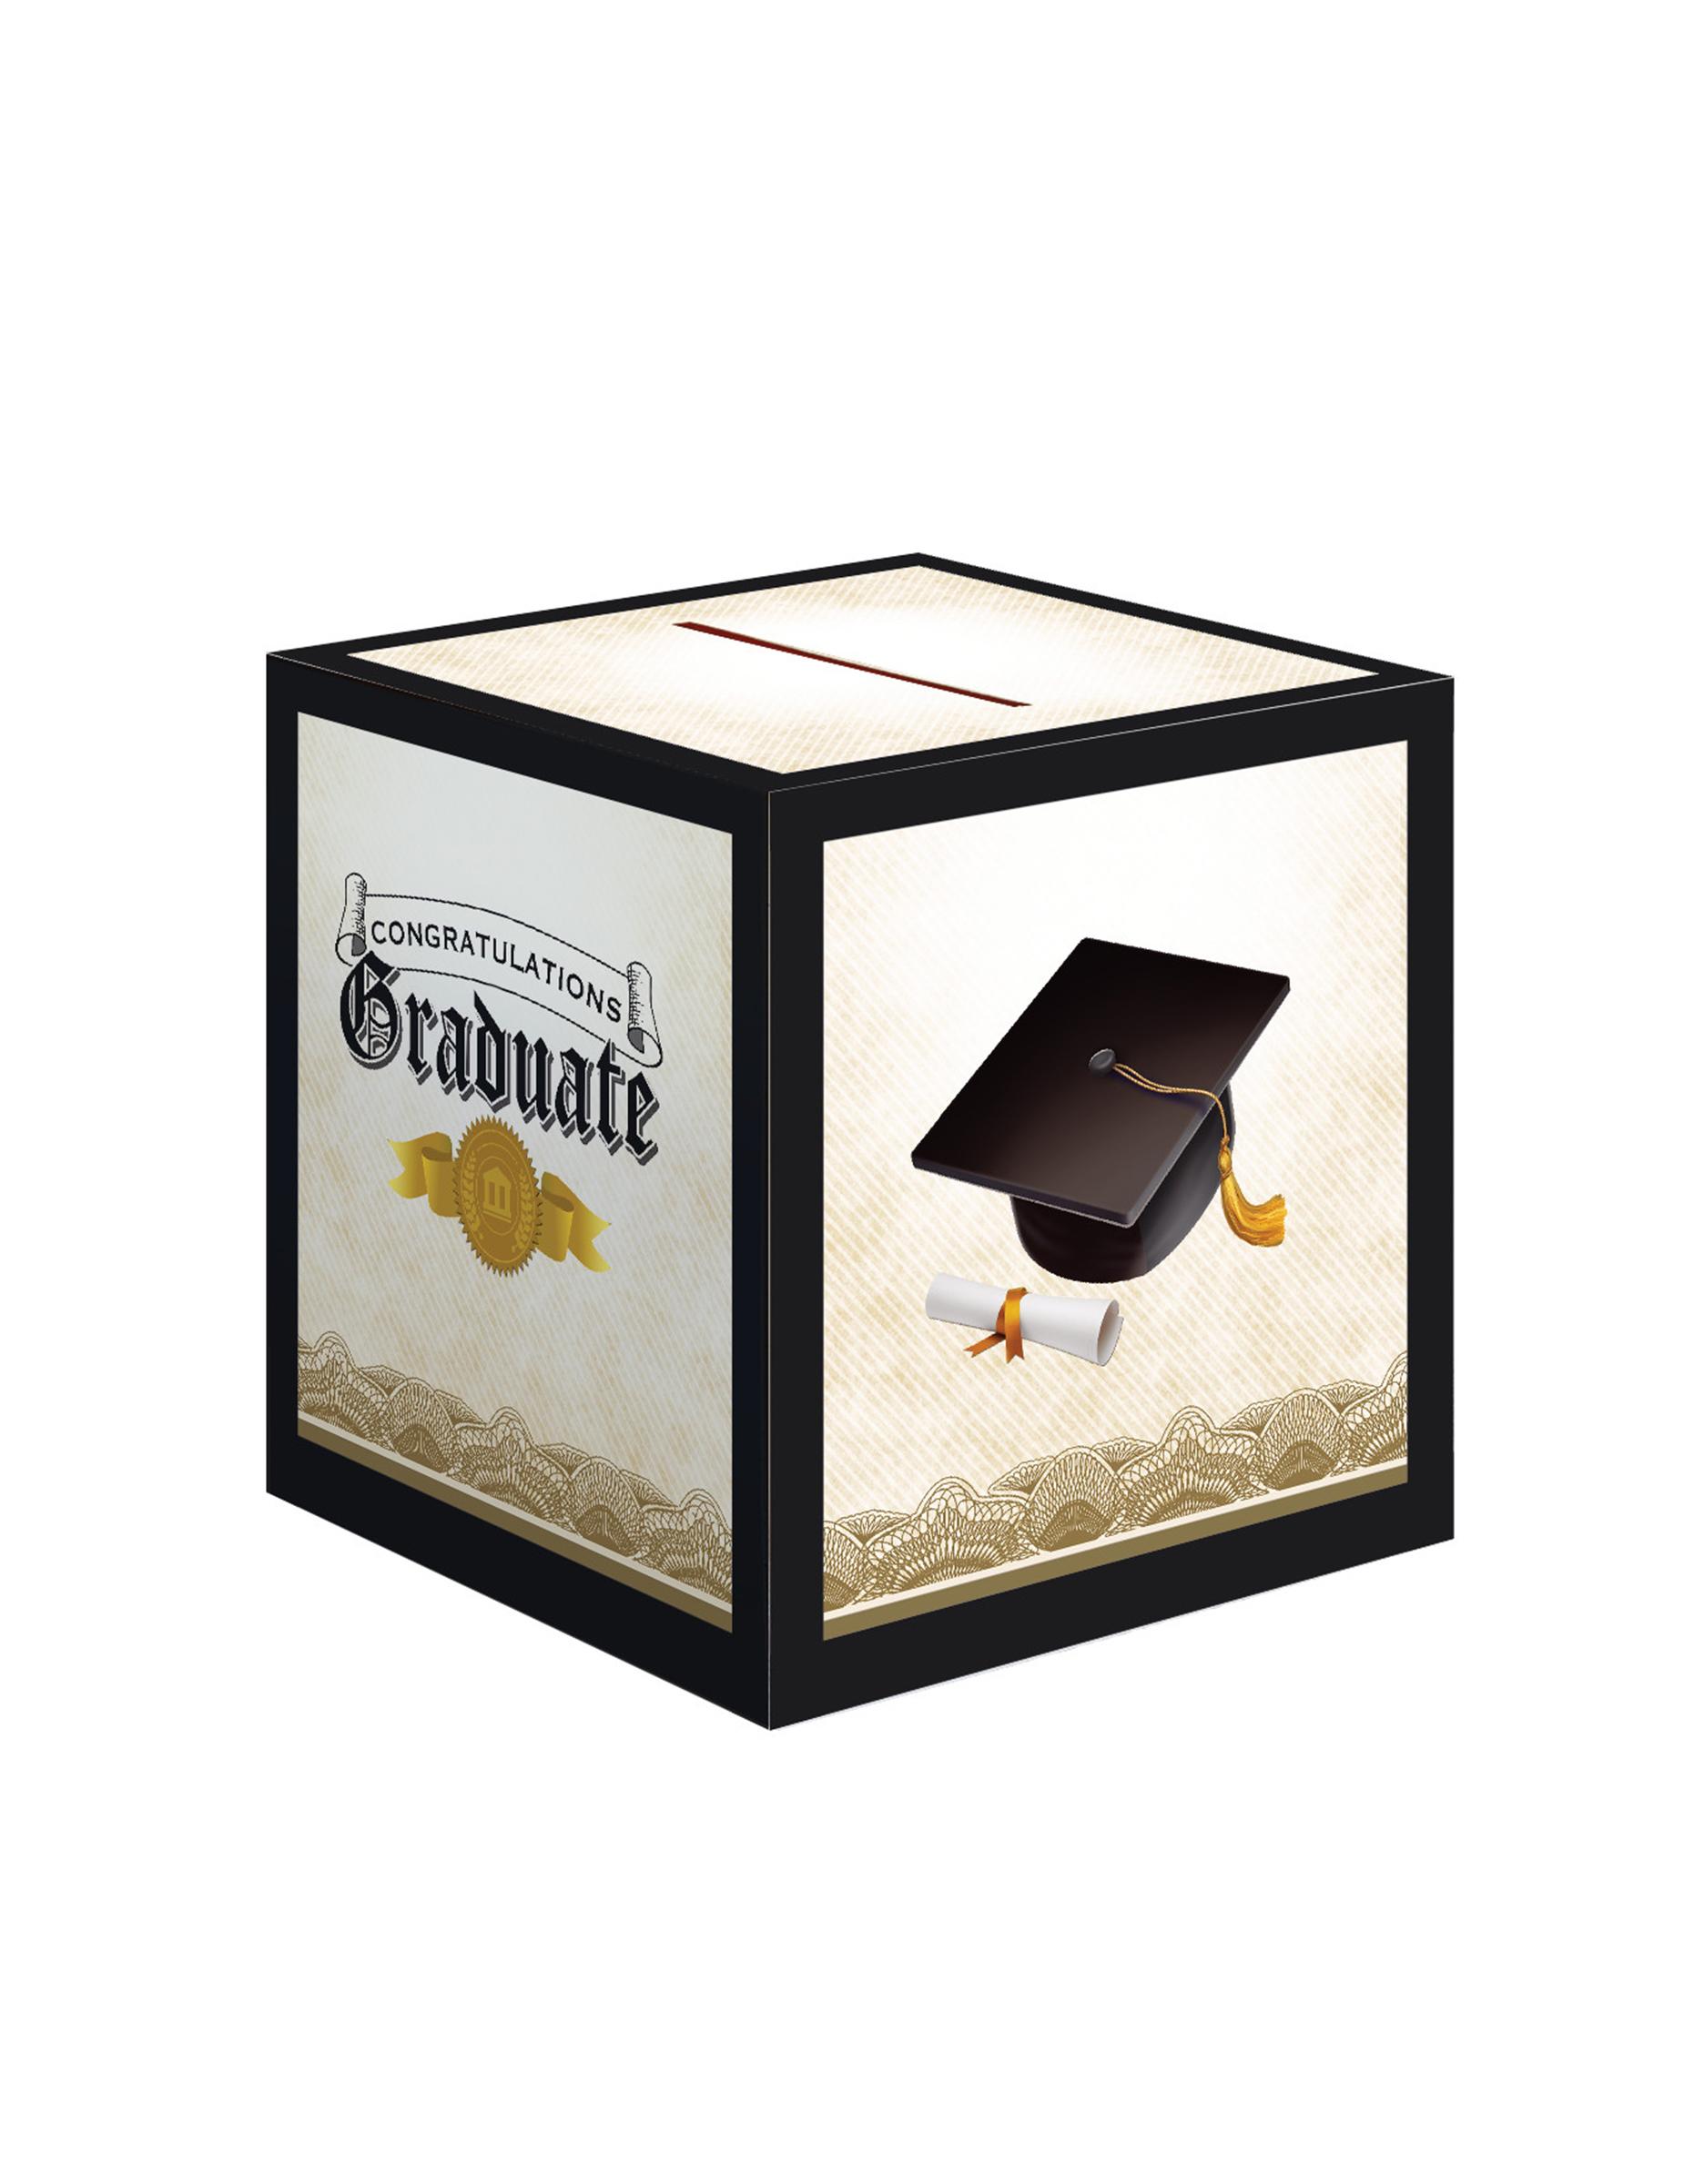 urne en carton congratulations graduate d coration anniversaire et f tes th me sur vegaoo party. Black Bedroom Furniture Sets. Home Design Ideas